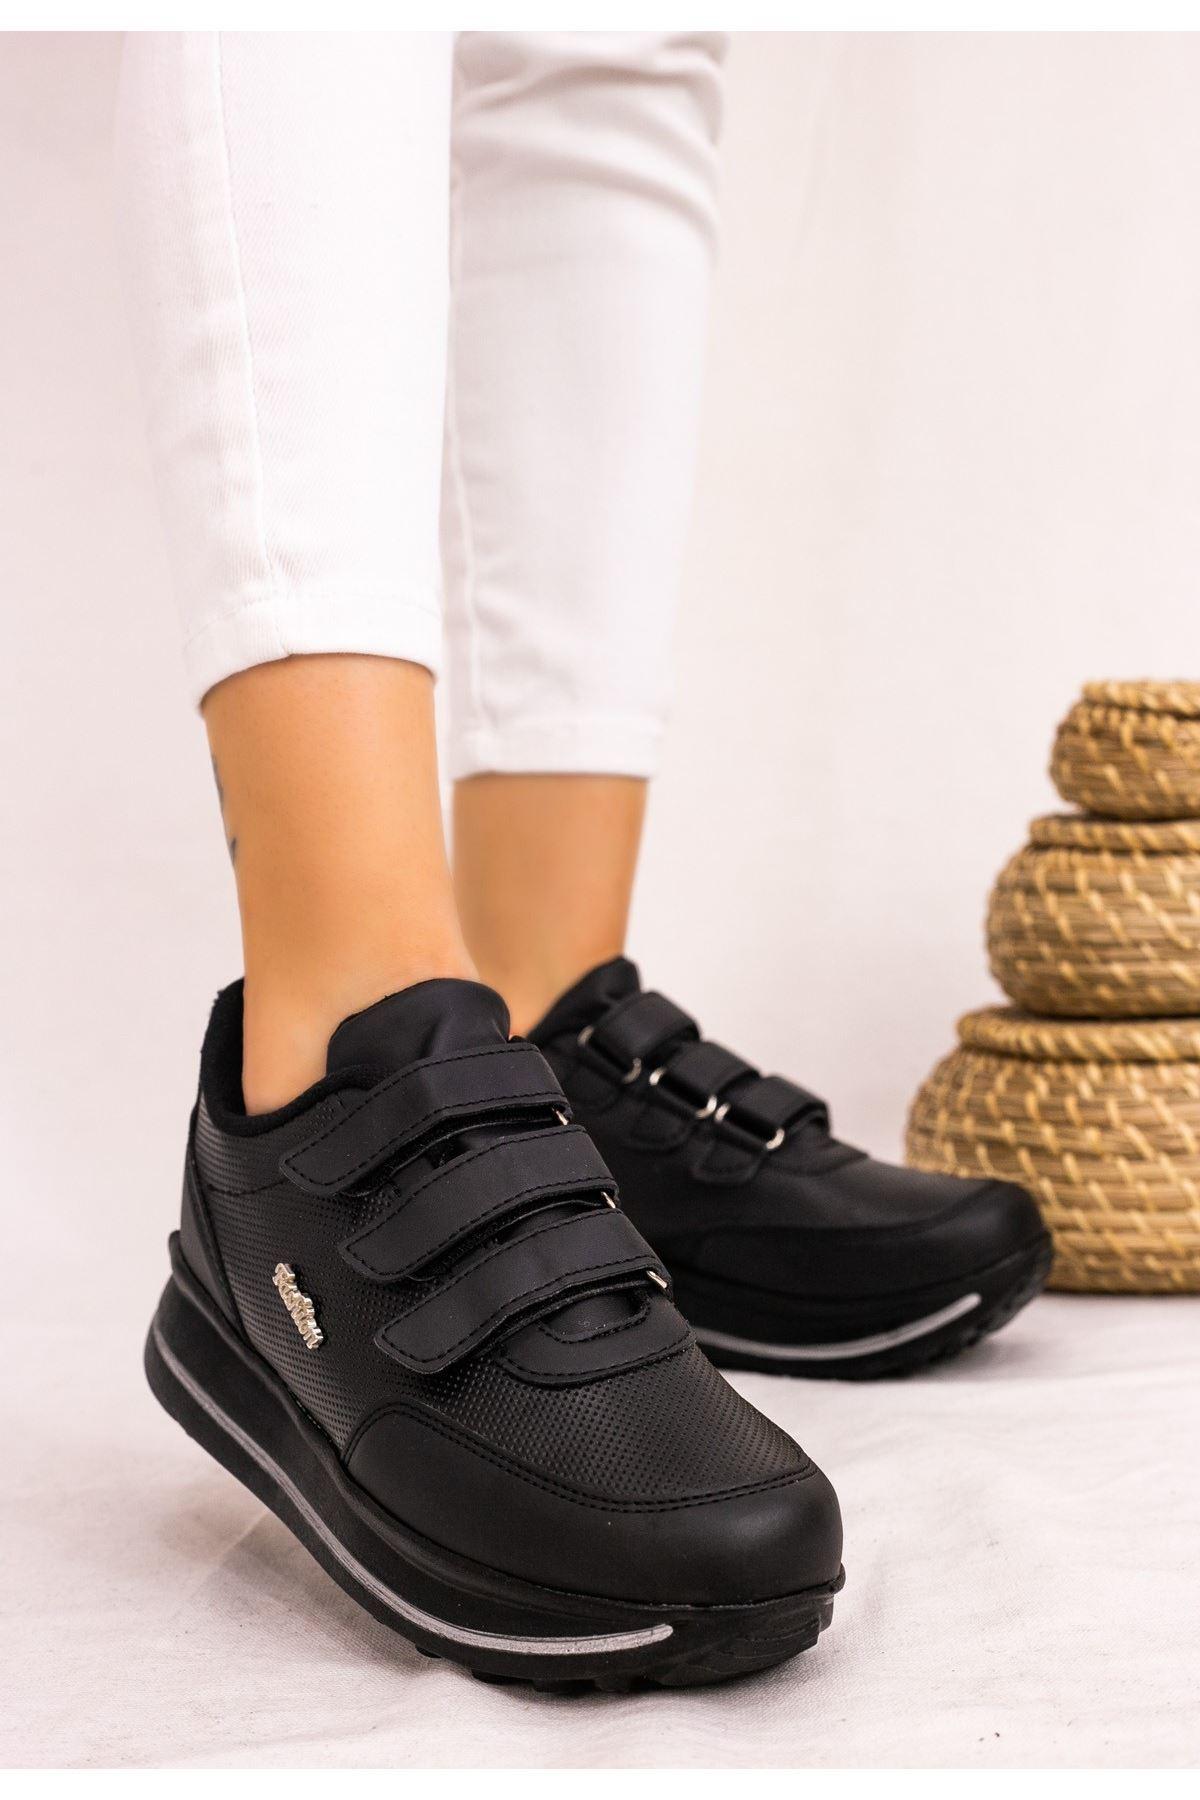 Remi Siyah Cilt Spor Ayakkabı